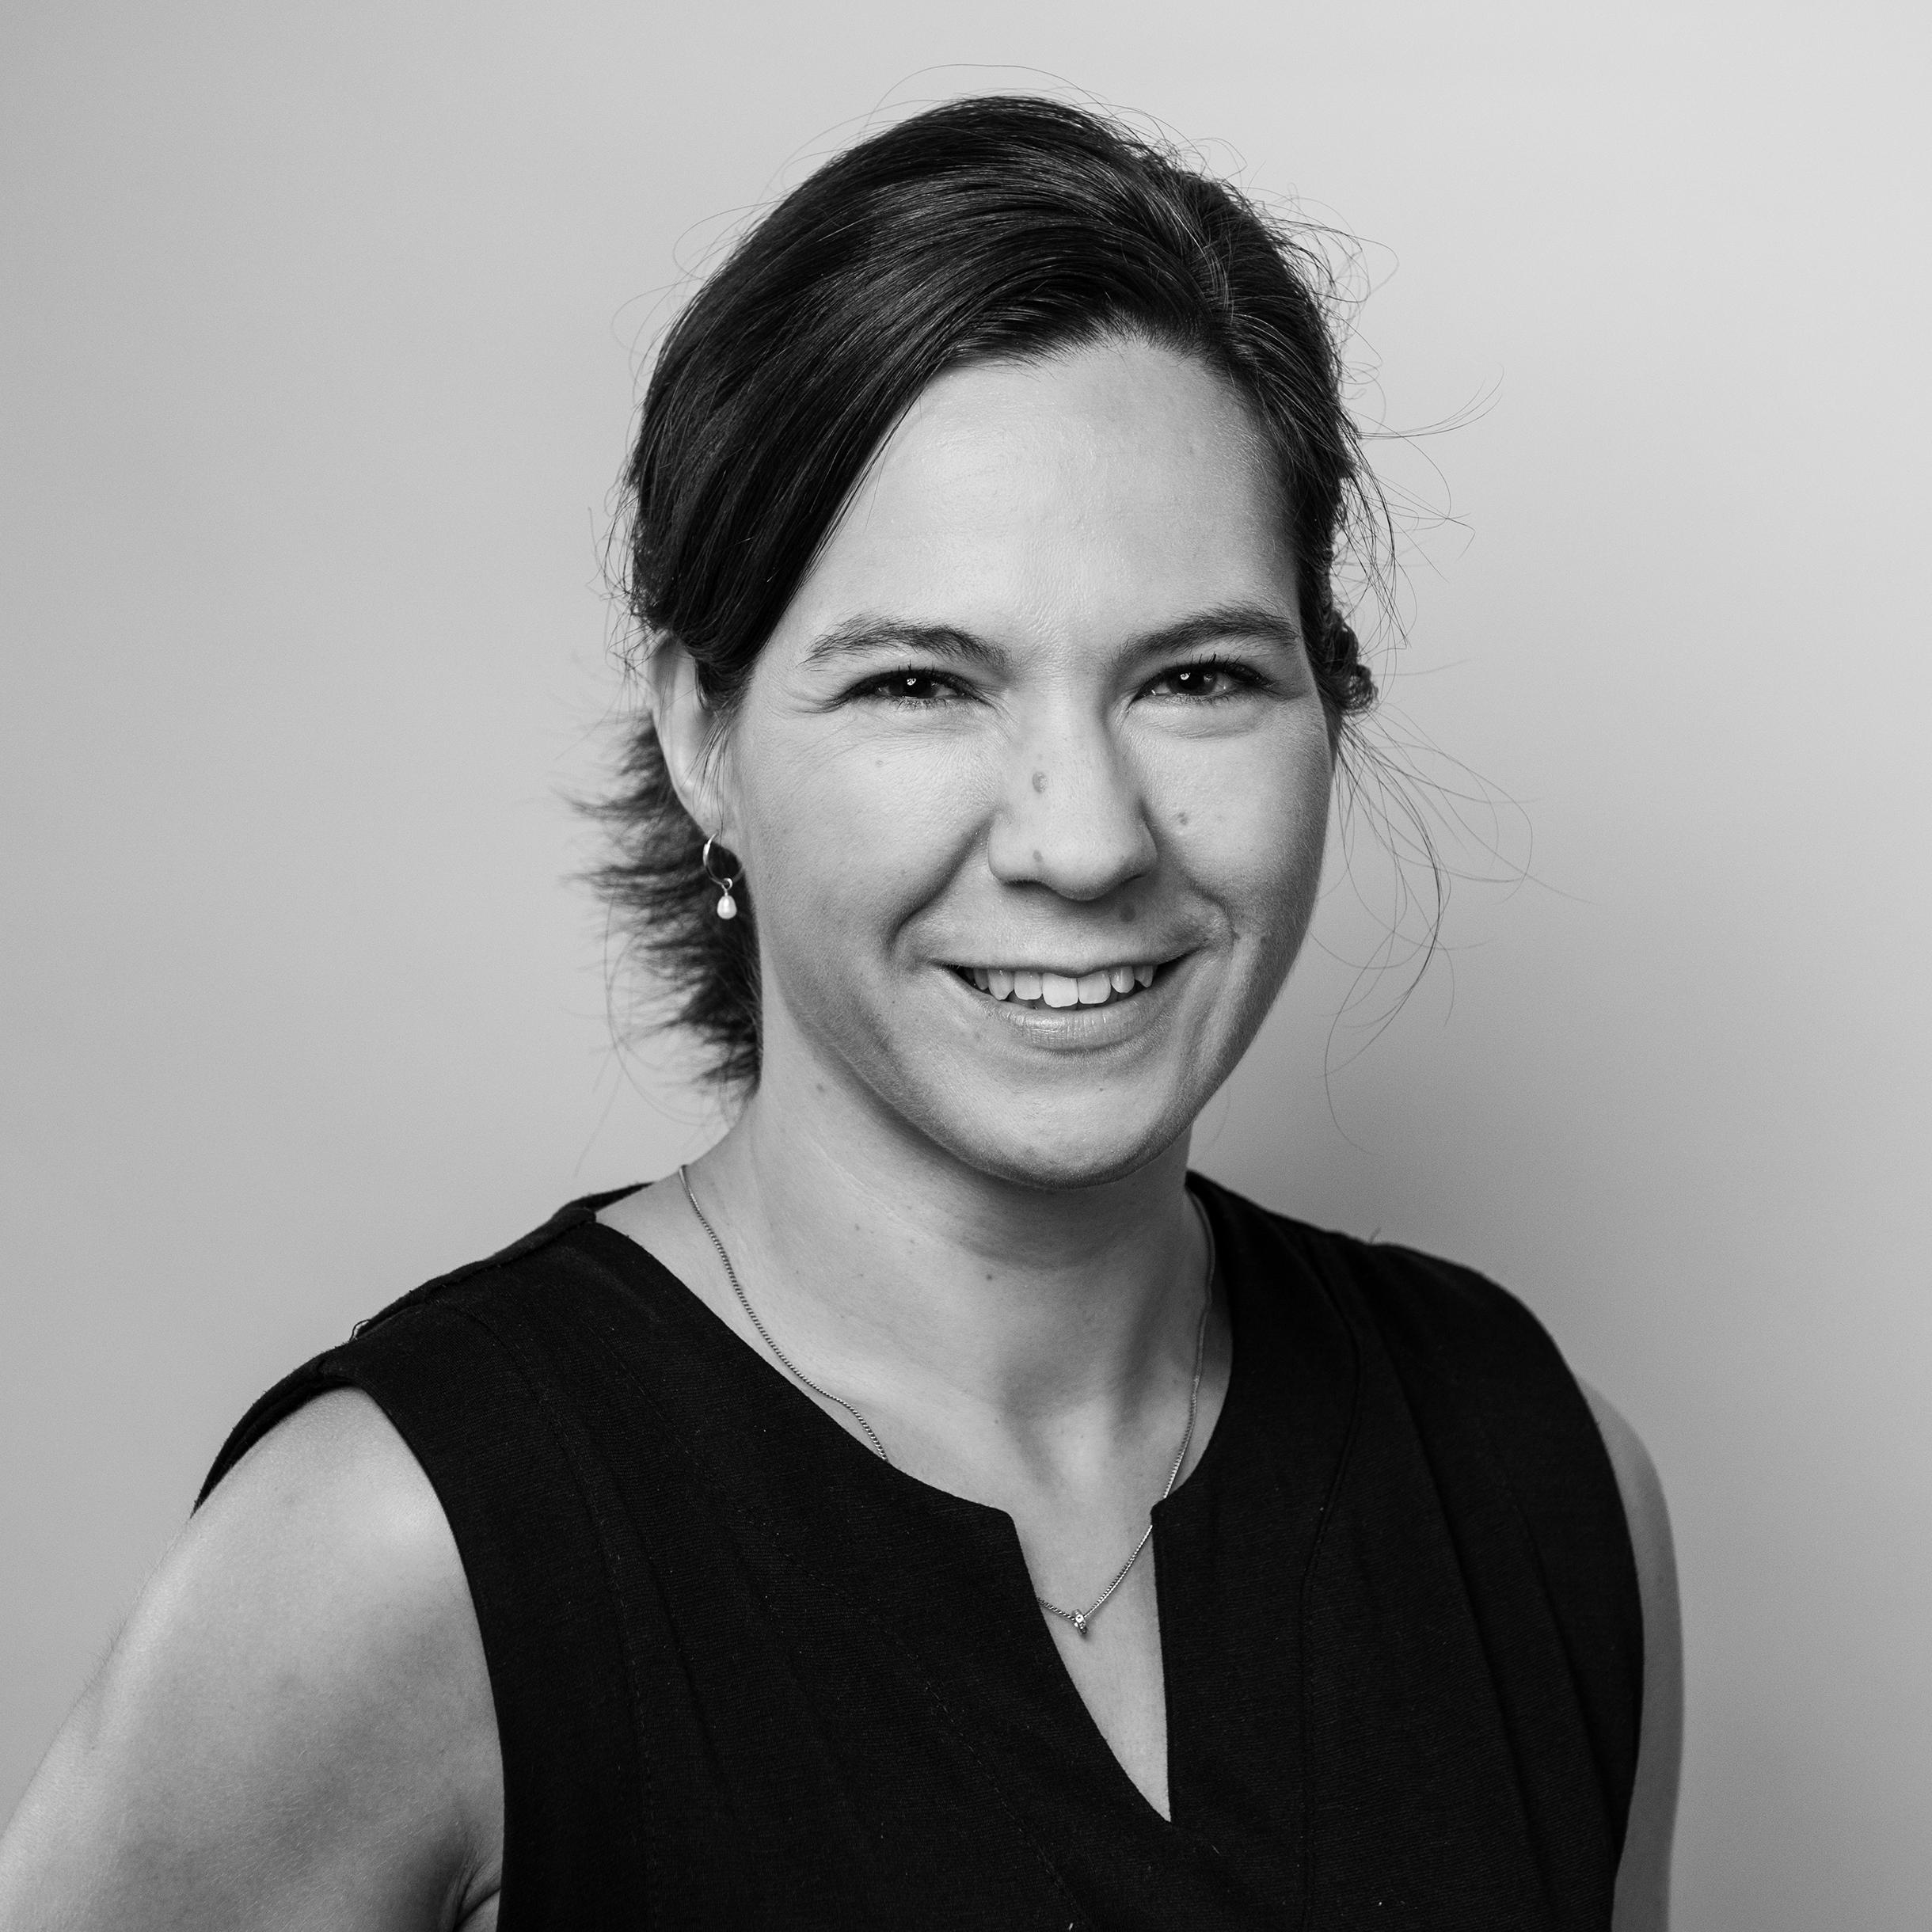 Christa Maessen